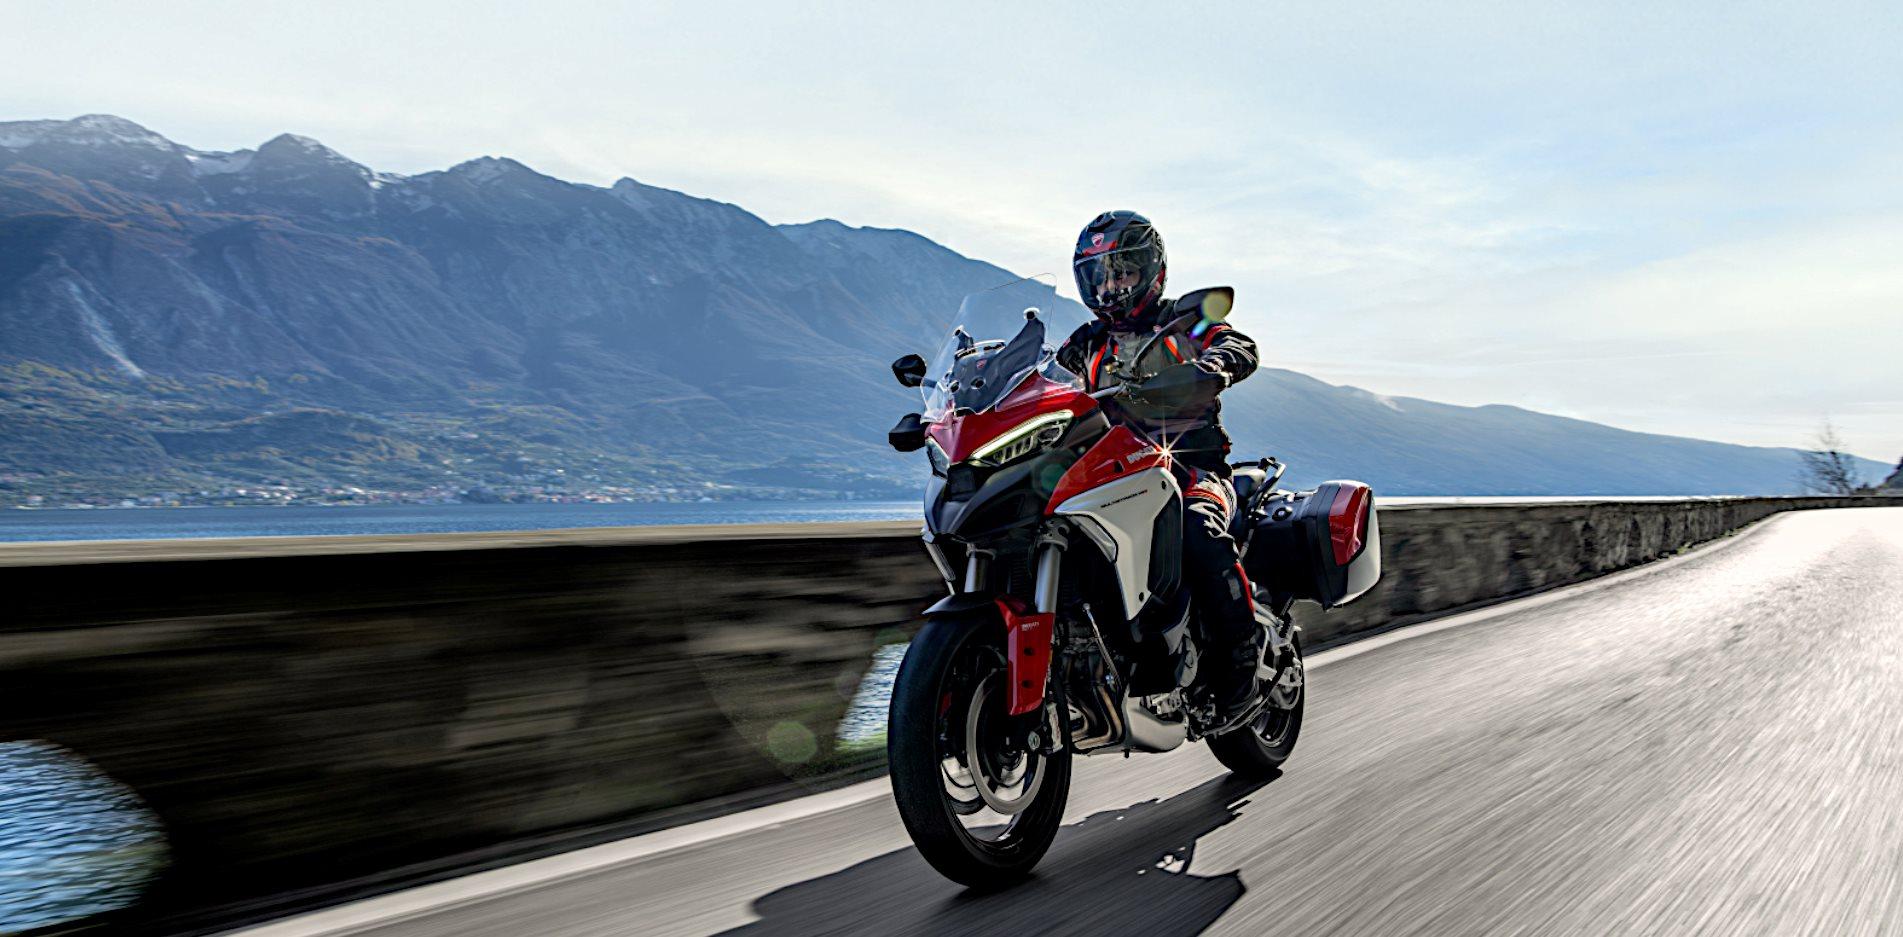 Laden Sie die App herunter und entdecken Sie die Ducati Welt jetzt auch digital– für Ihr individuelles Ducati Erlebnis, ganz egal, wo Sie gerade sind!